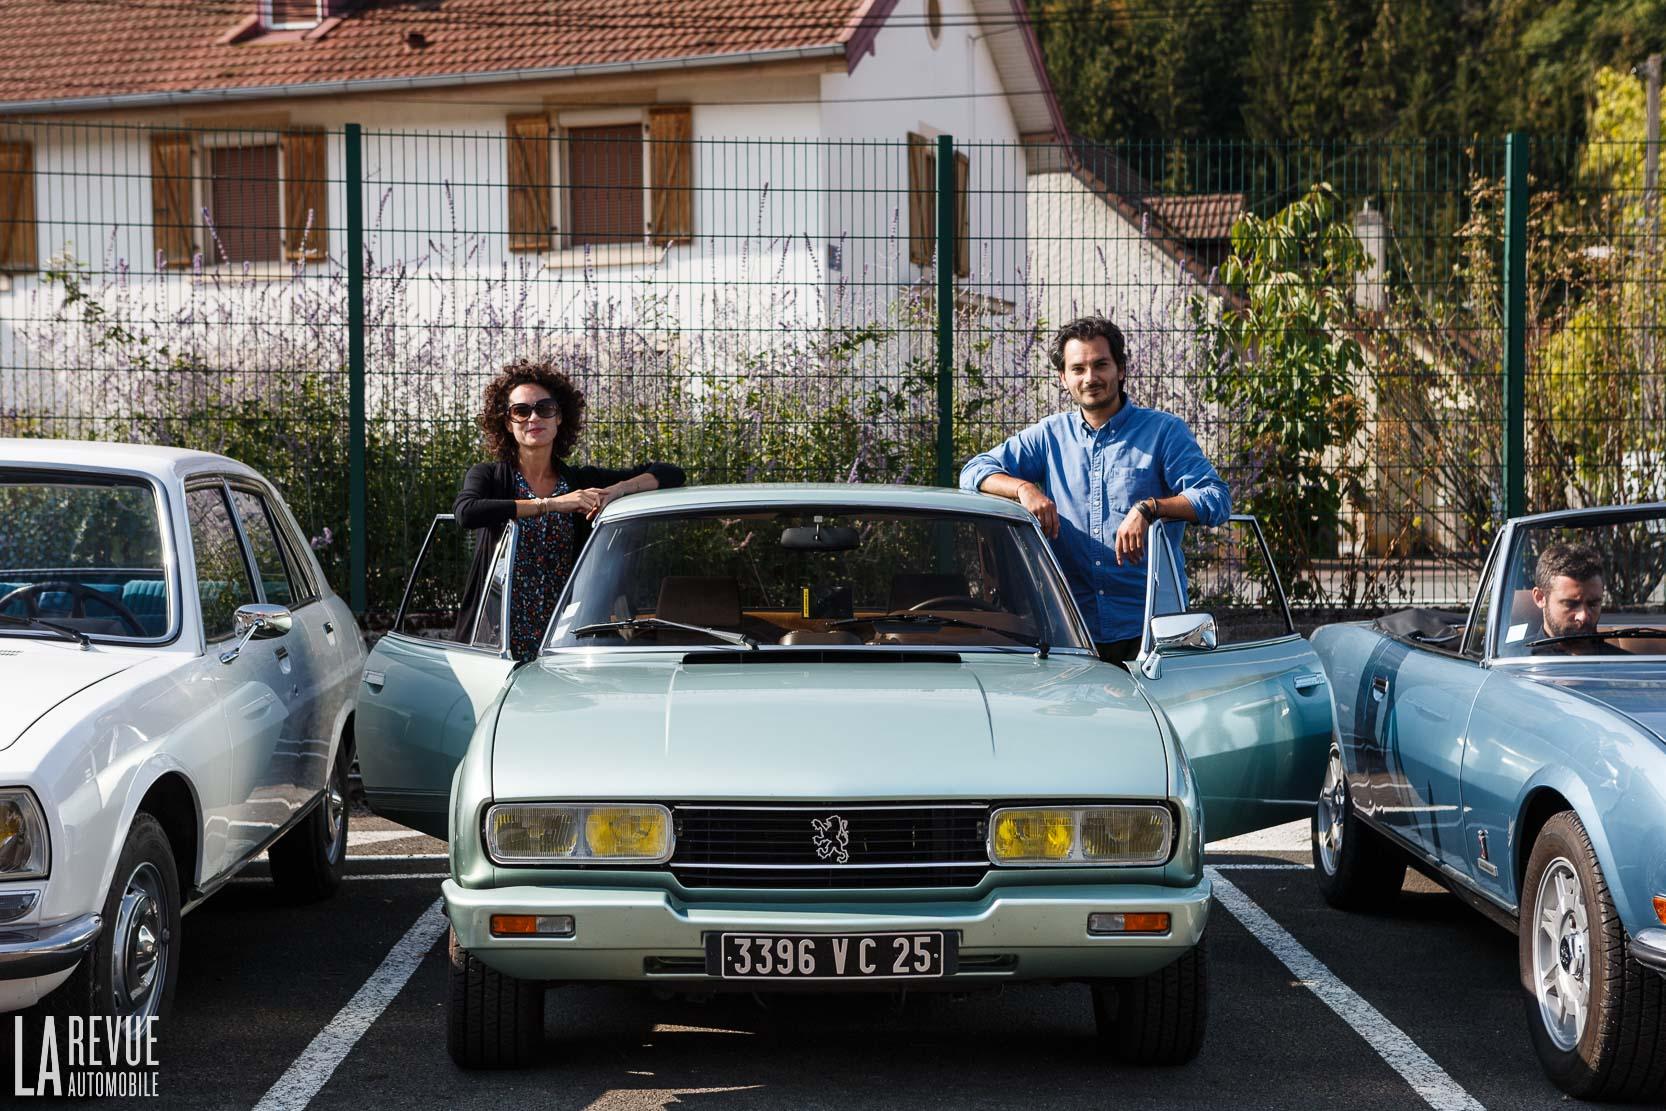 Essai Road Trip avec la Peugeot 504 Coupé